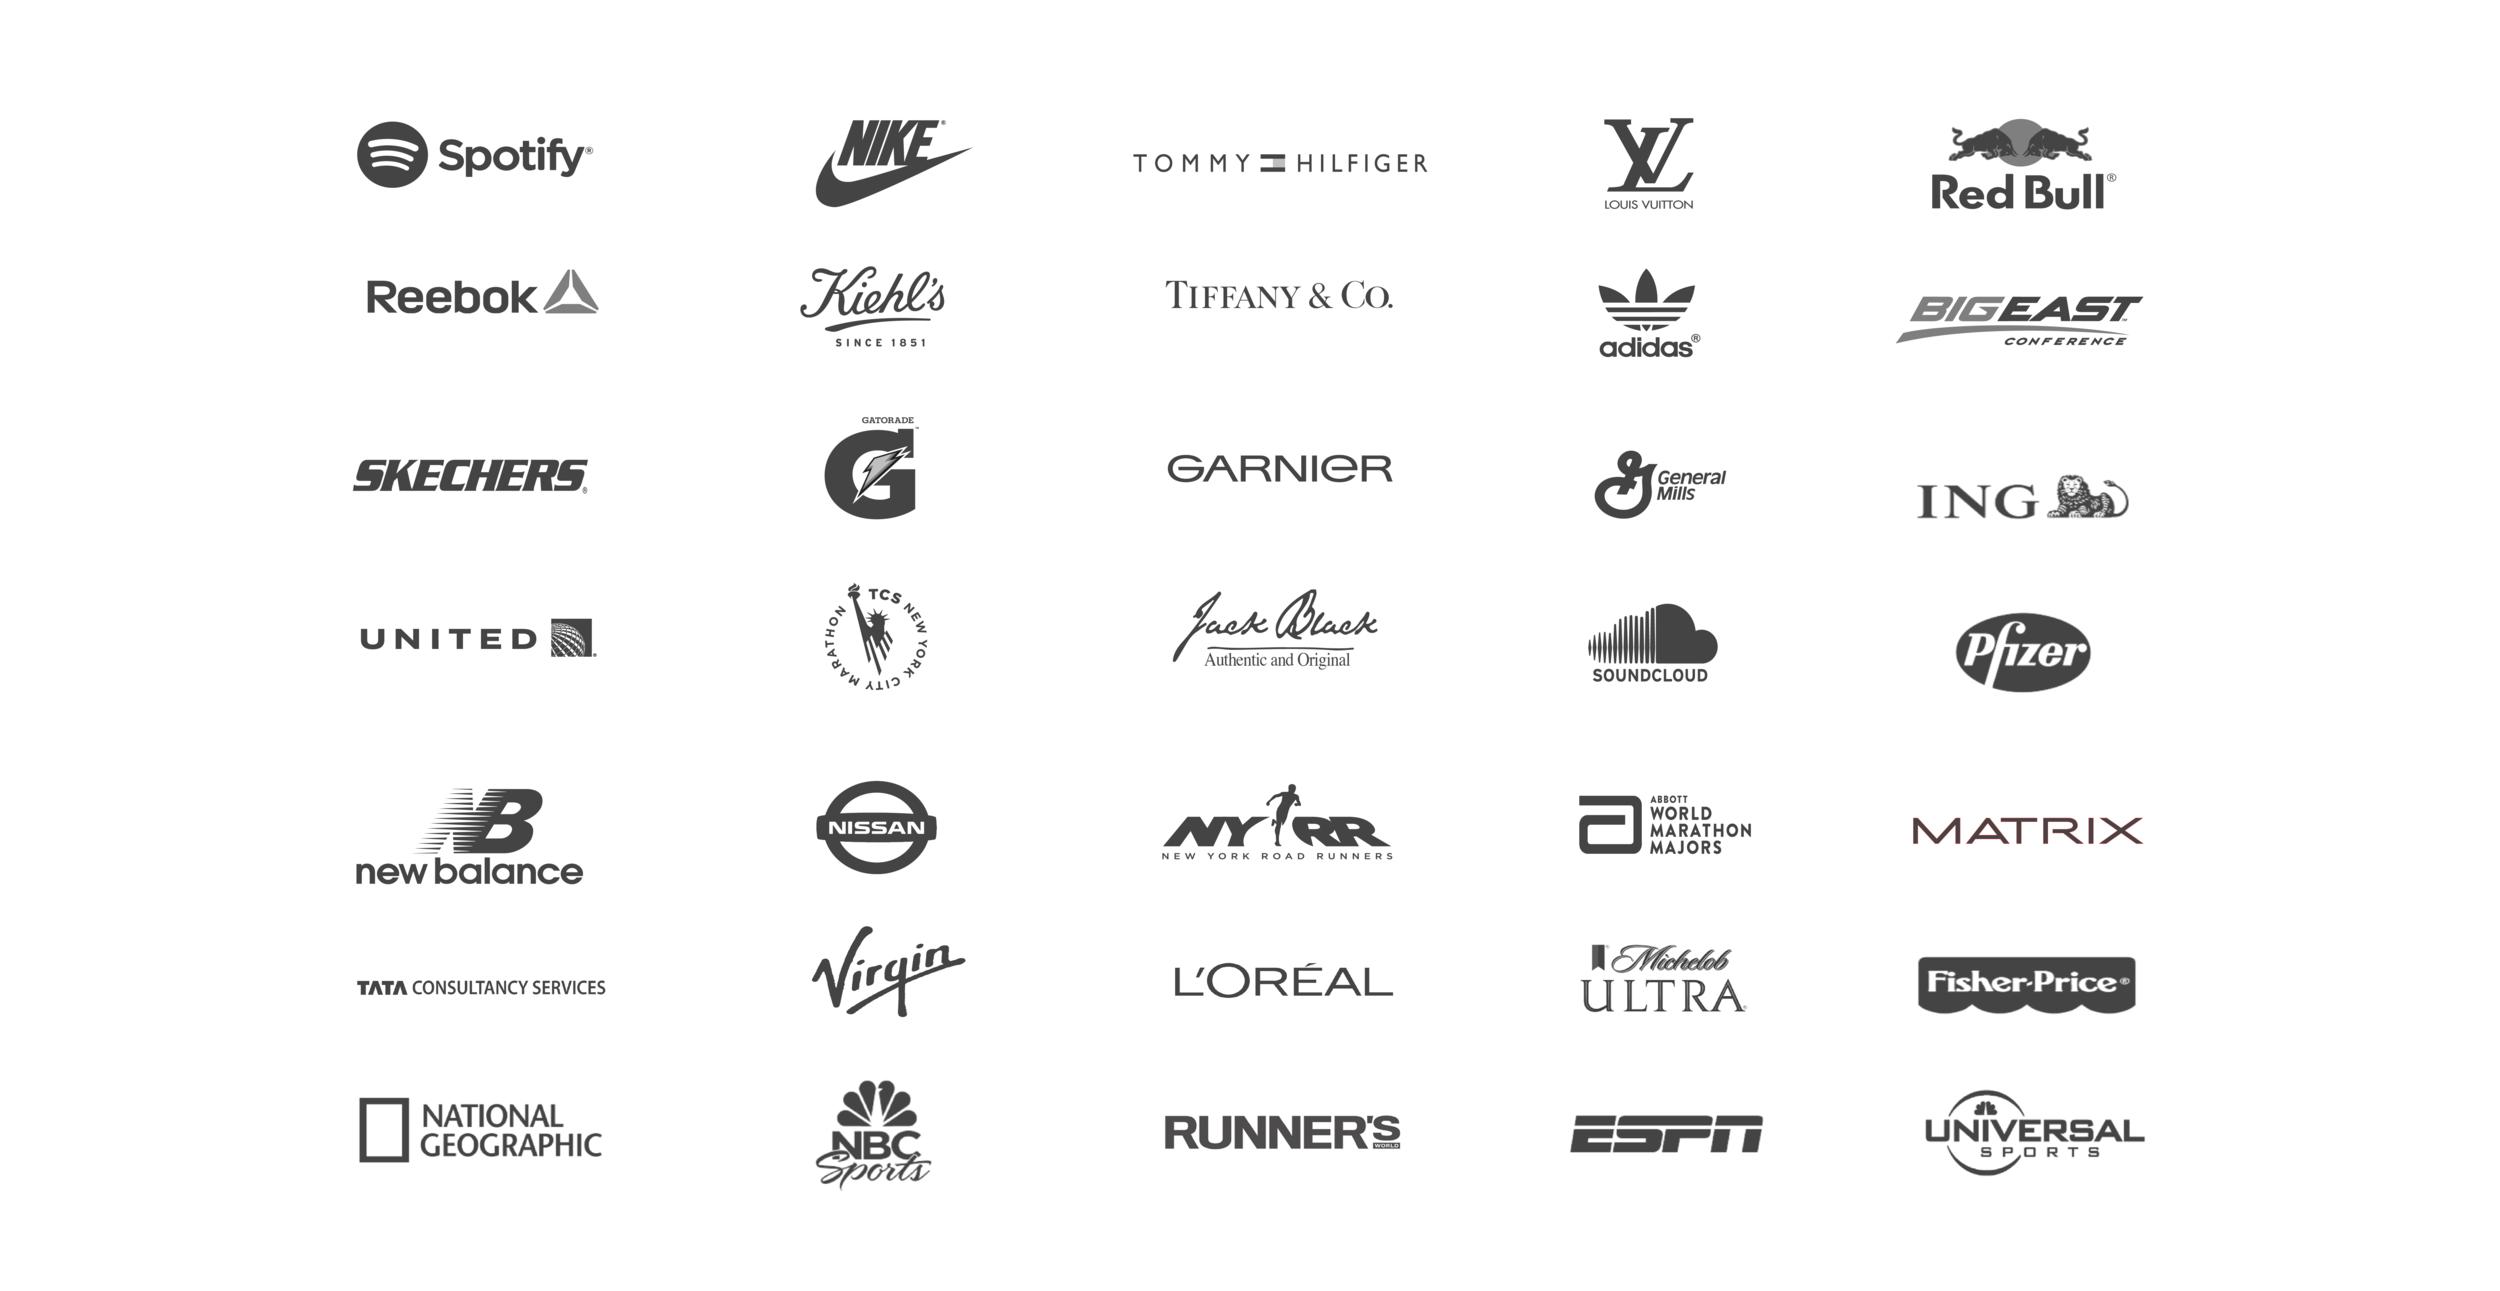 SM Website Client Logos Layout 042818v4.2.png